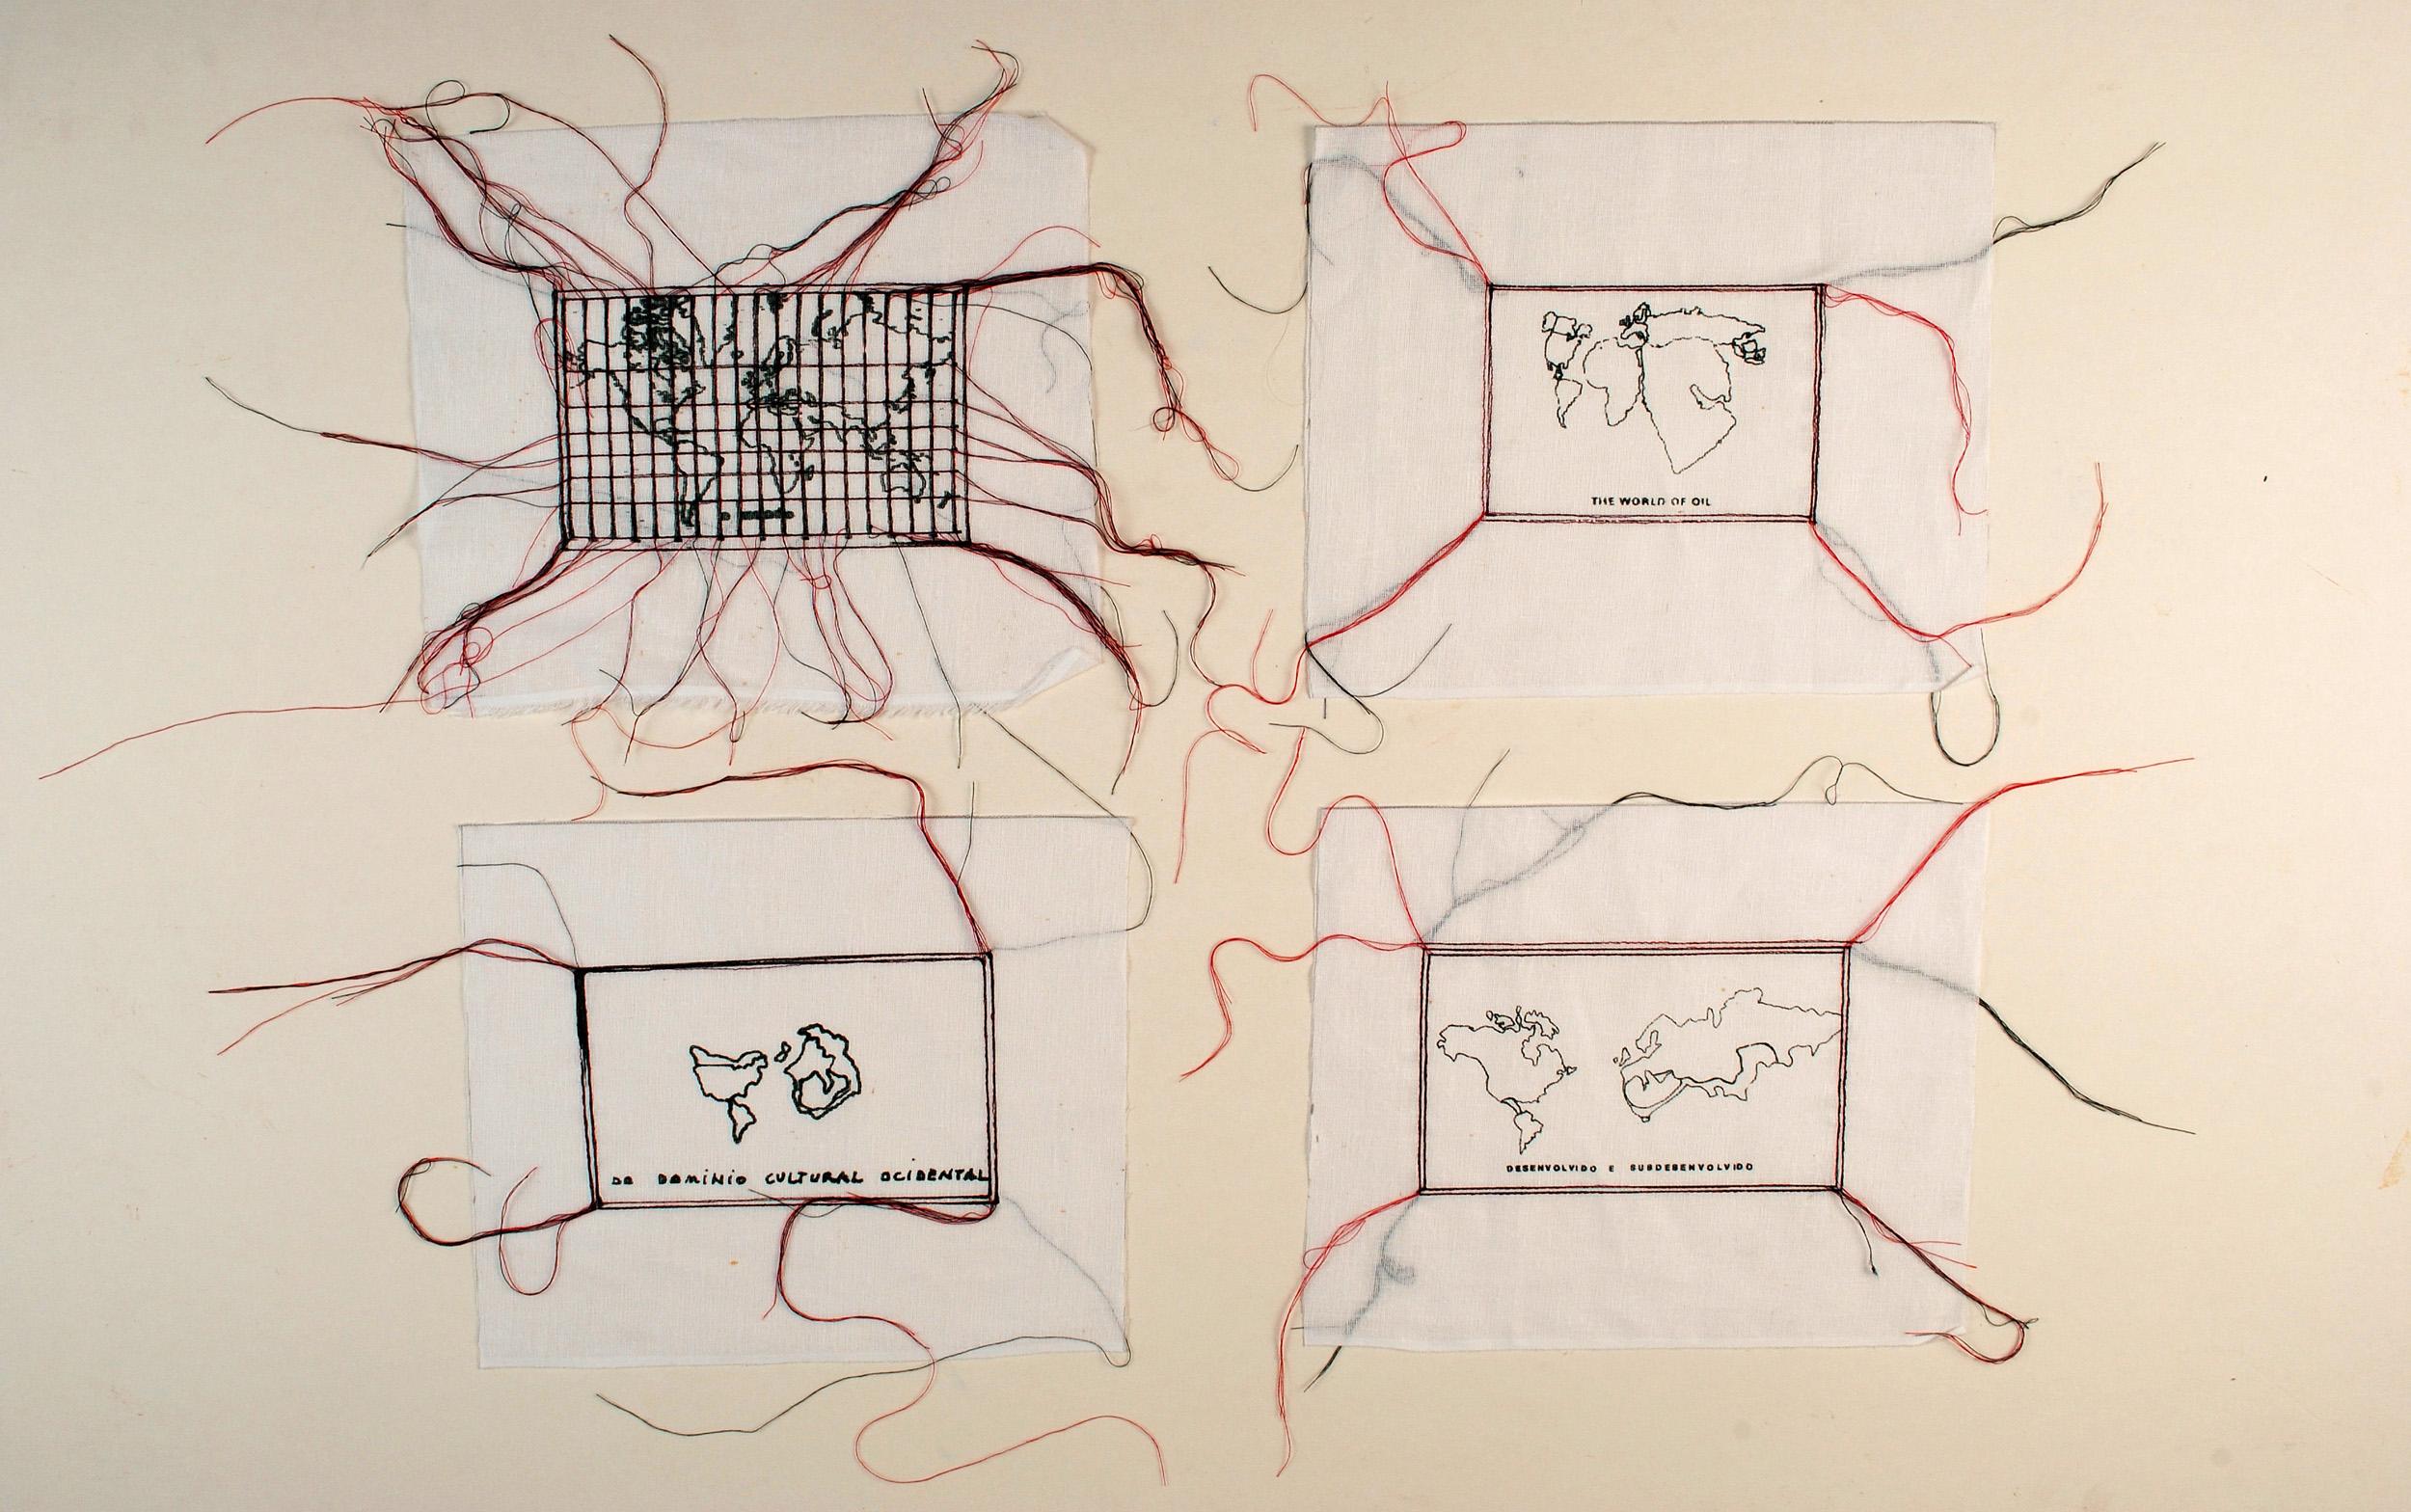 Anna Bella Geiger, Variáveis, Serigrafia e Bordado à maquina sobre linho, 56 x 62 cm, 1978/2009.